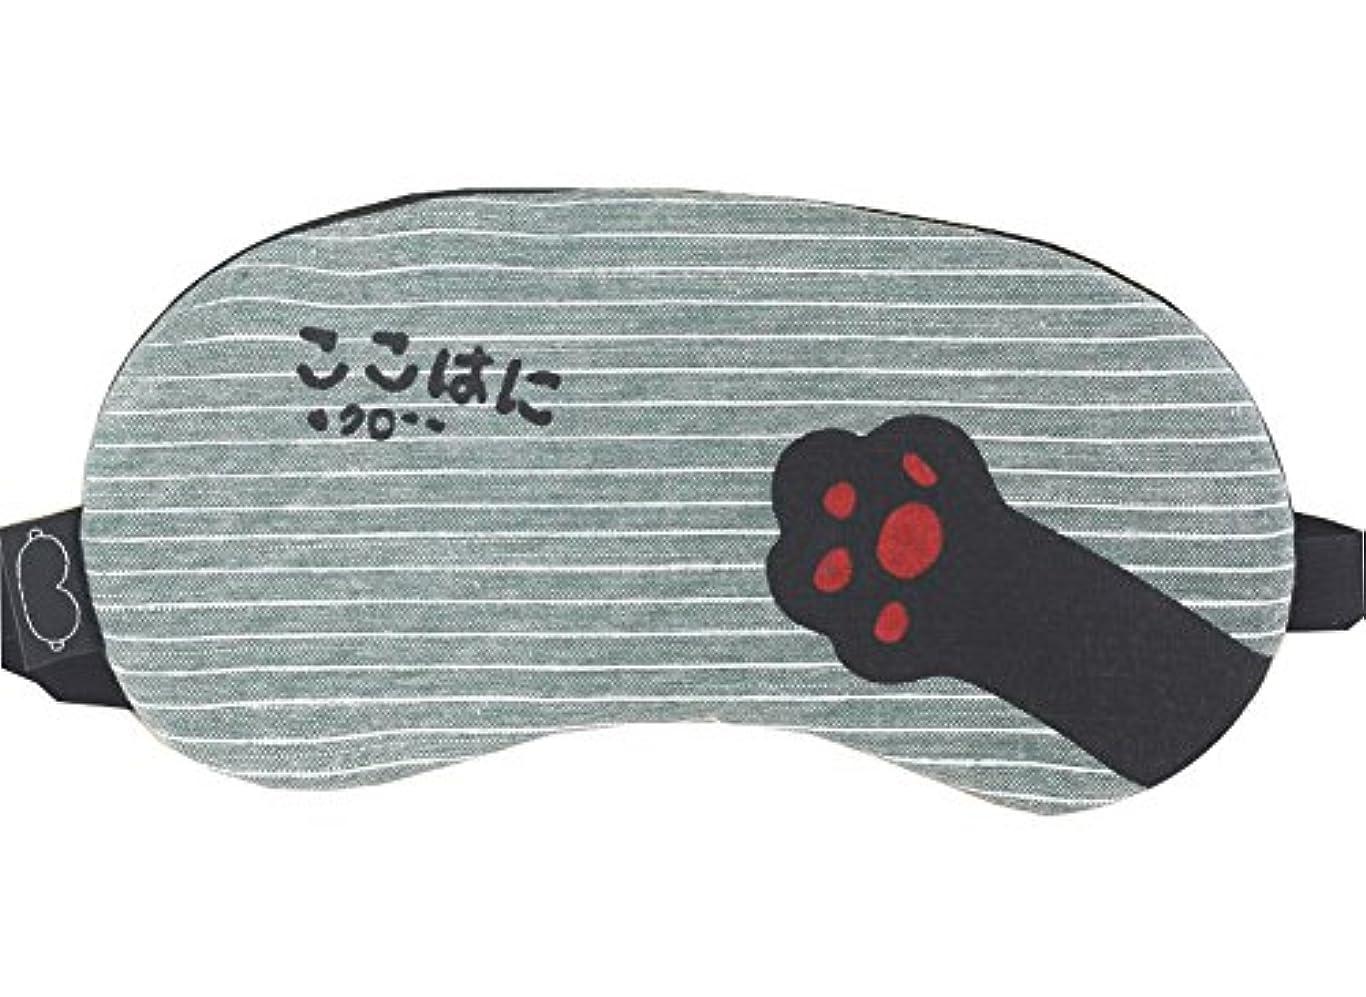 床を掃除する自動車姓かわいい漫画のデザインアイマスク睡眠飛行機の旅行シフト作業のためのマスク、#13